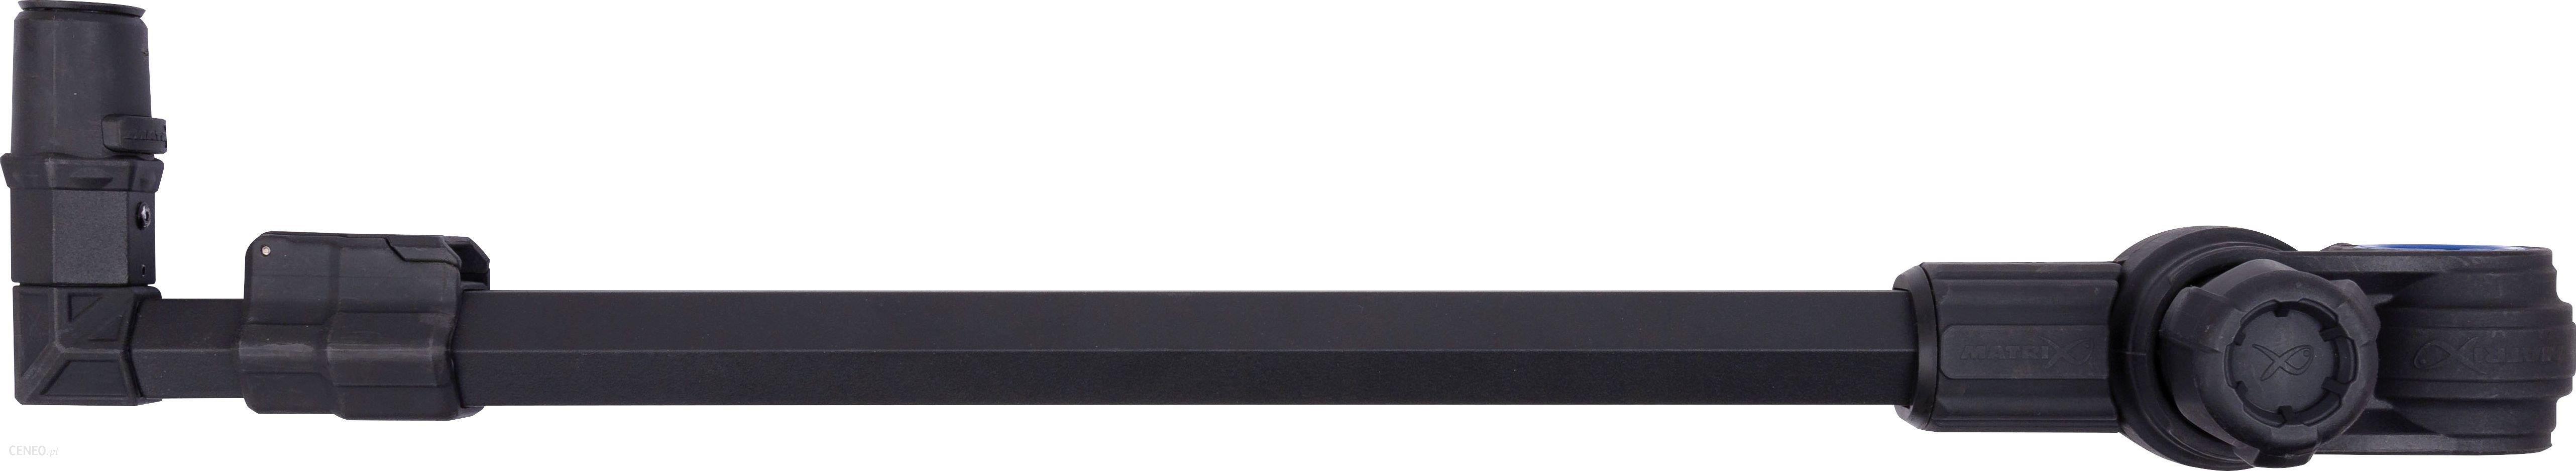 Fox Matrix 3D-R Feeder Arm Short (GBA024)